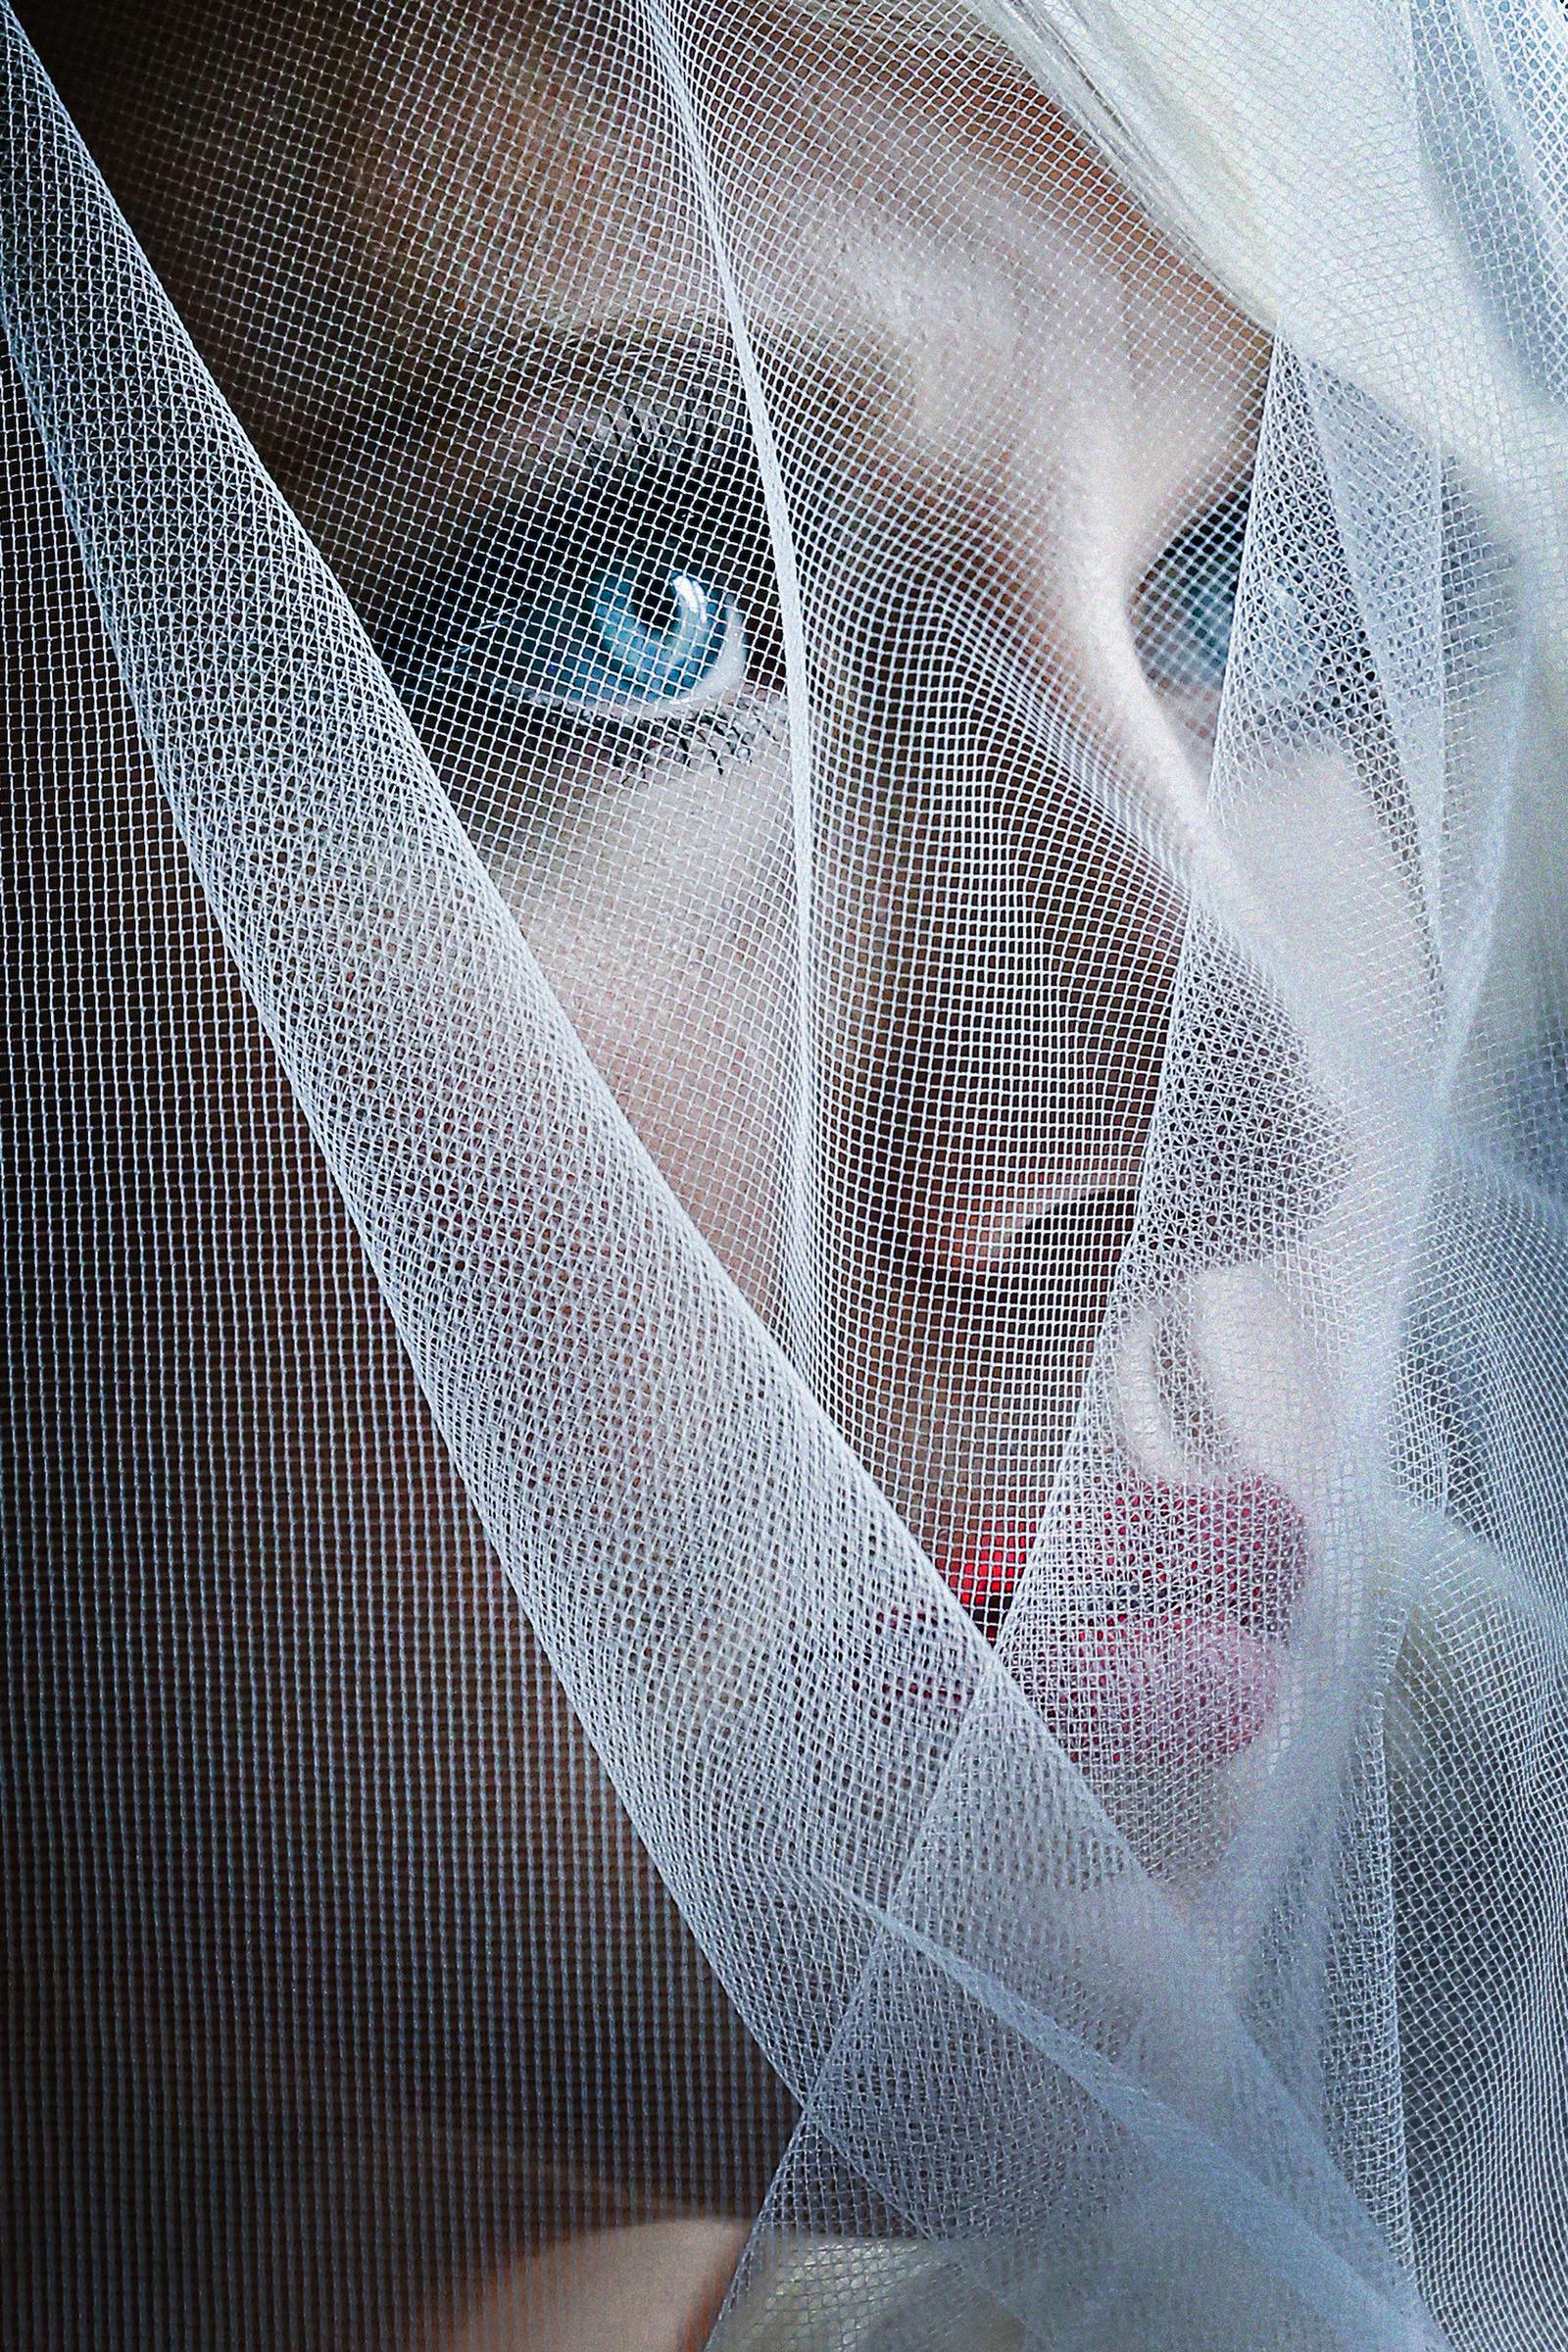 startling-blue-eyes-bridal-portrait-by-franck-boutonnet-france-wedding-photographer